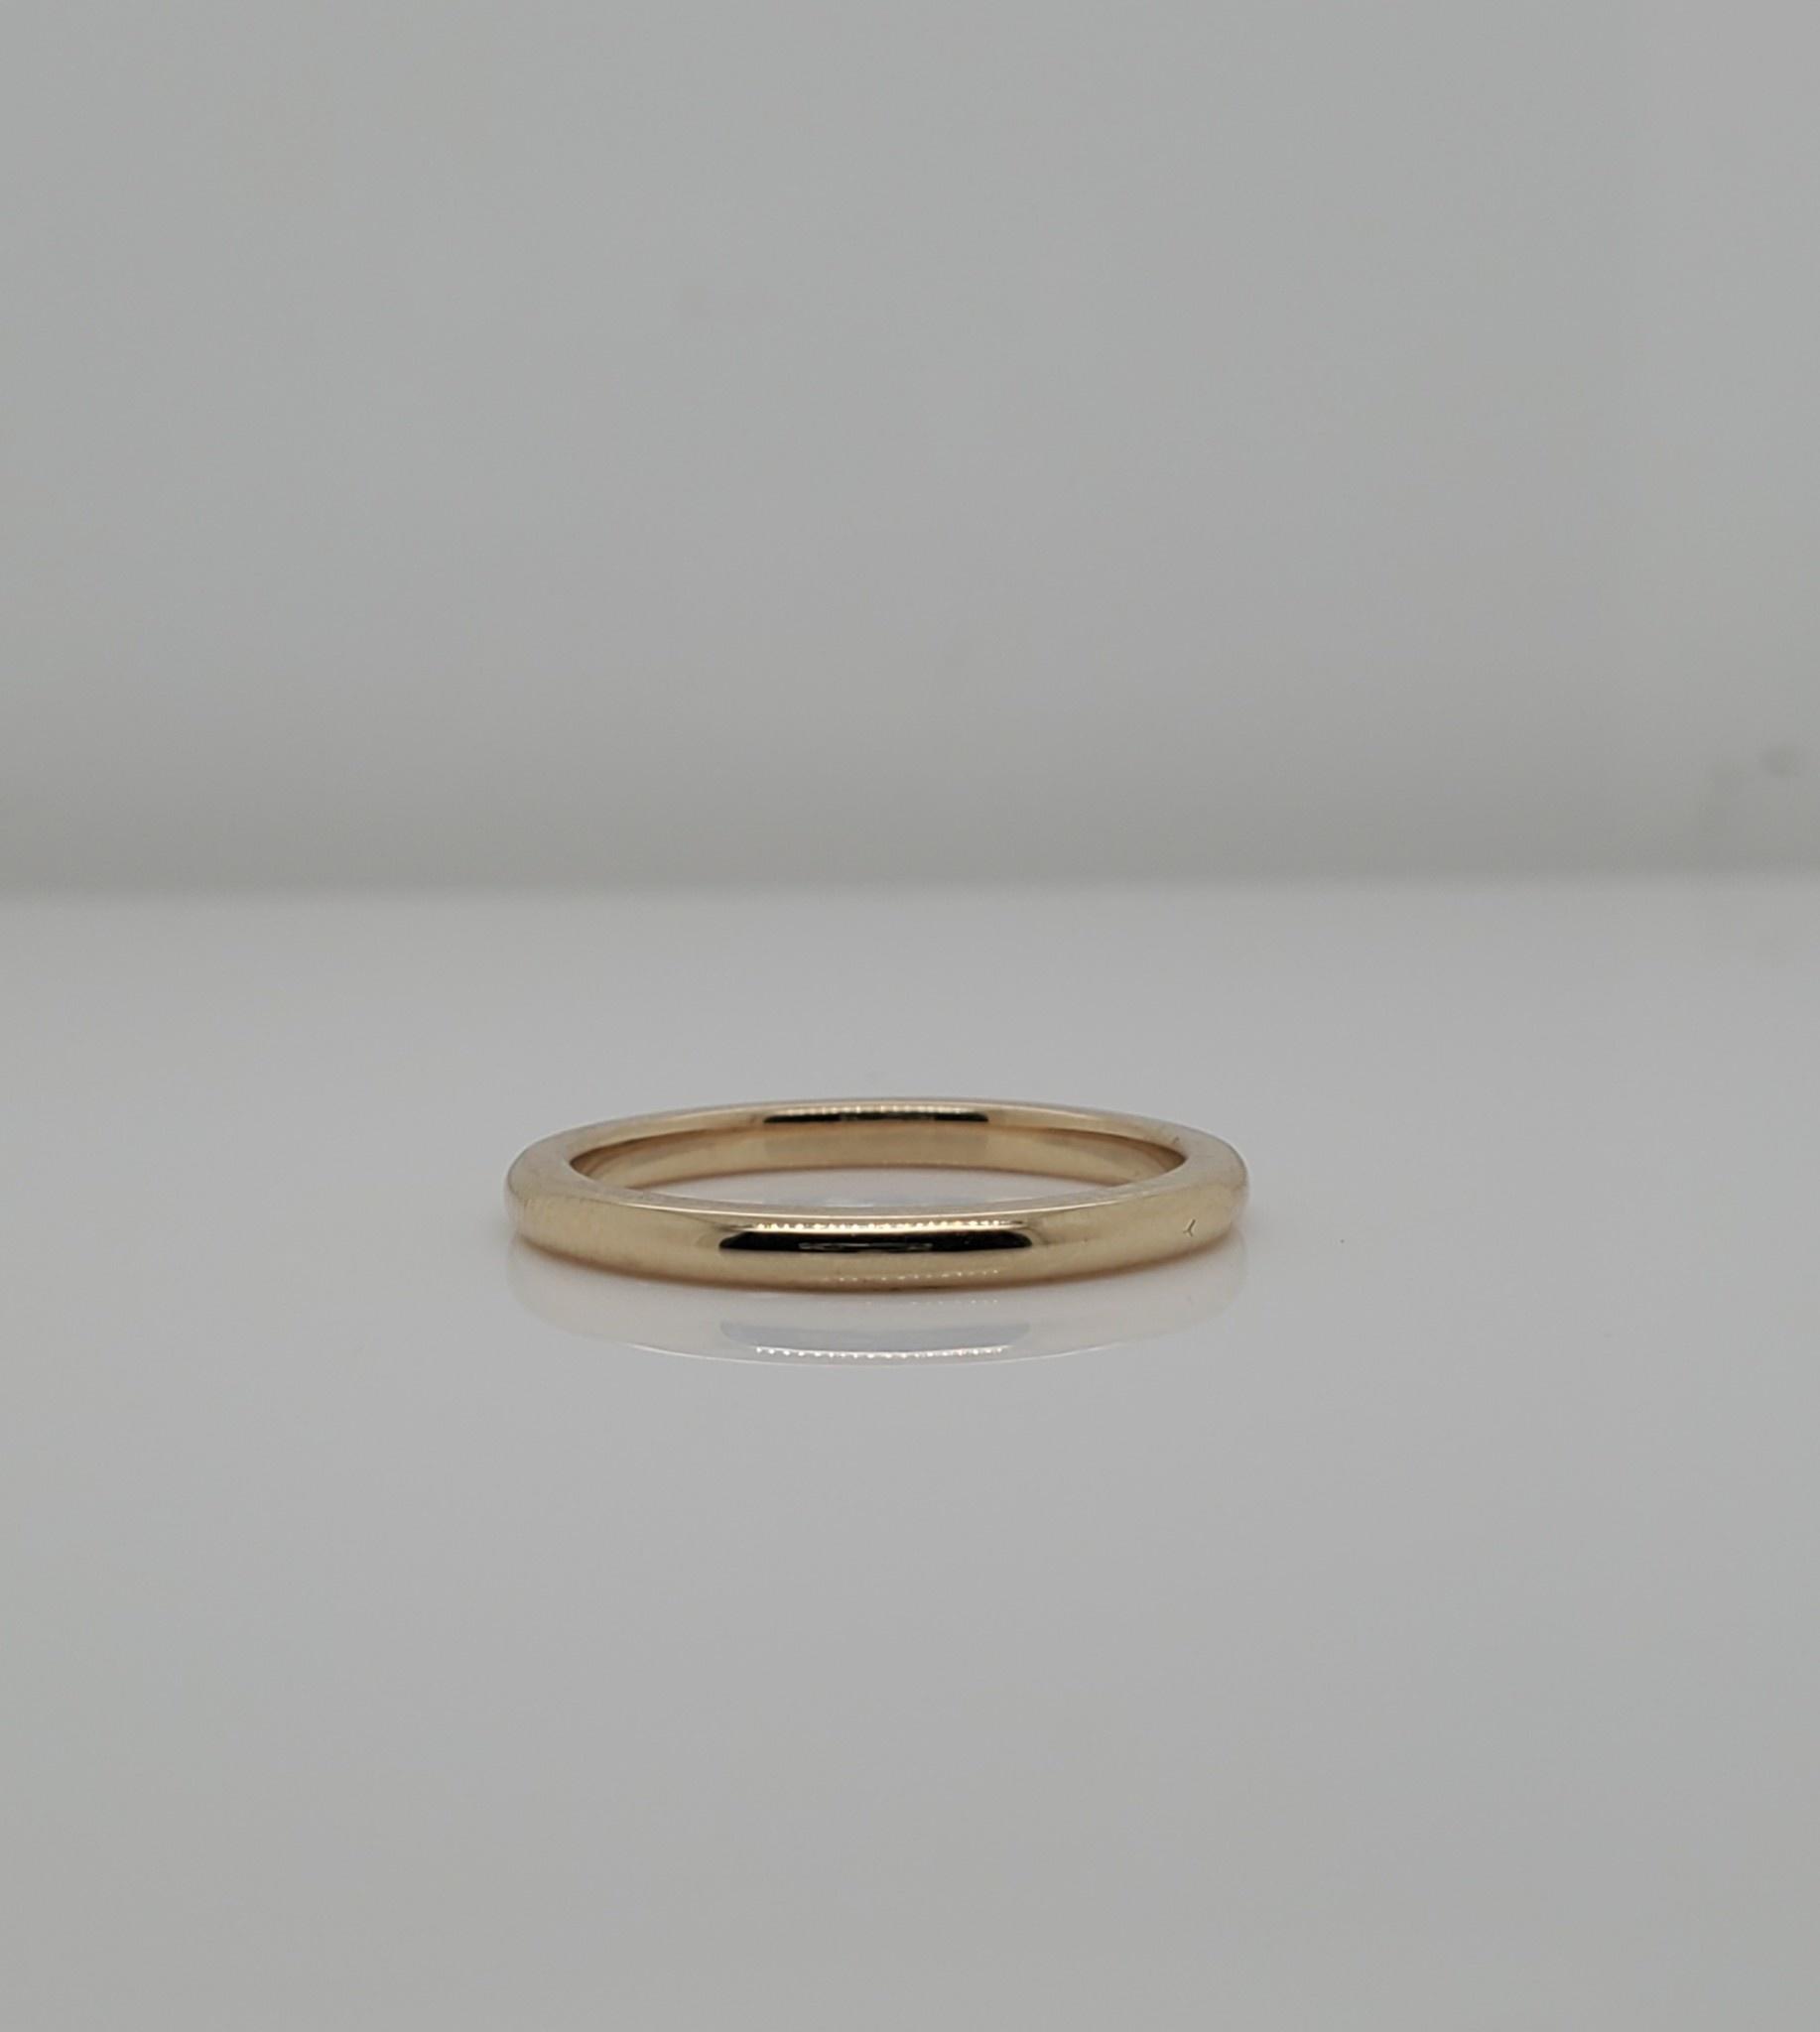 14KT YG 1.8mm Wedding Band SZ 5